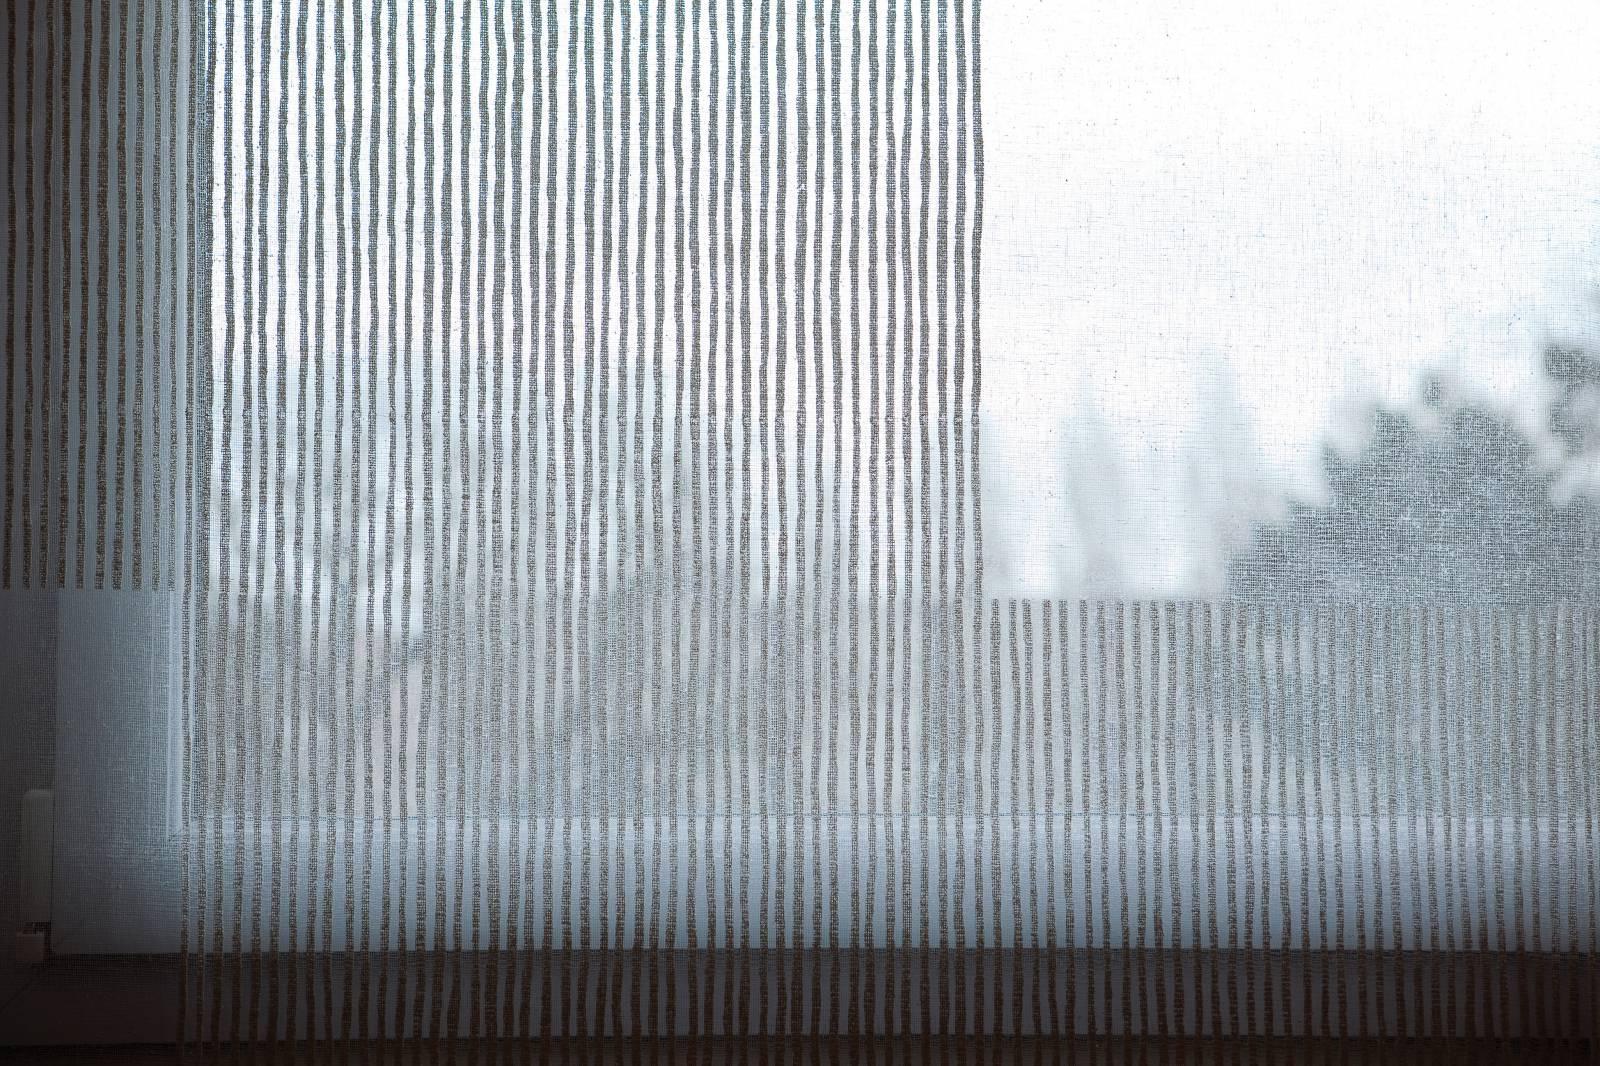 détails panneaux en tissu transparent